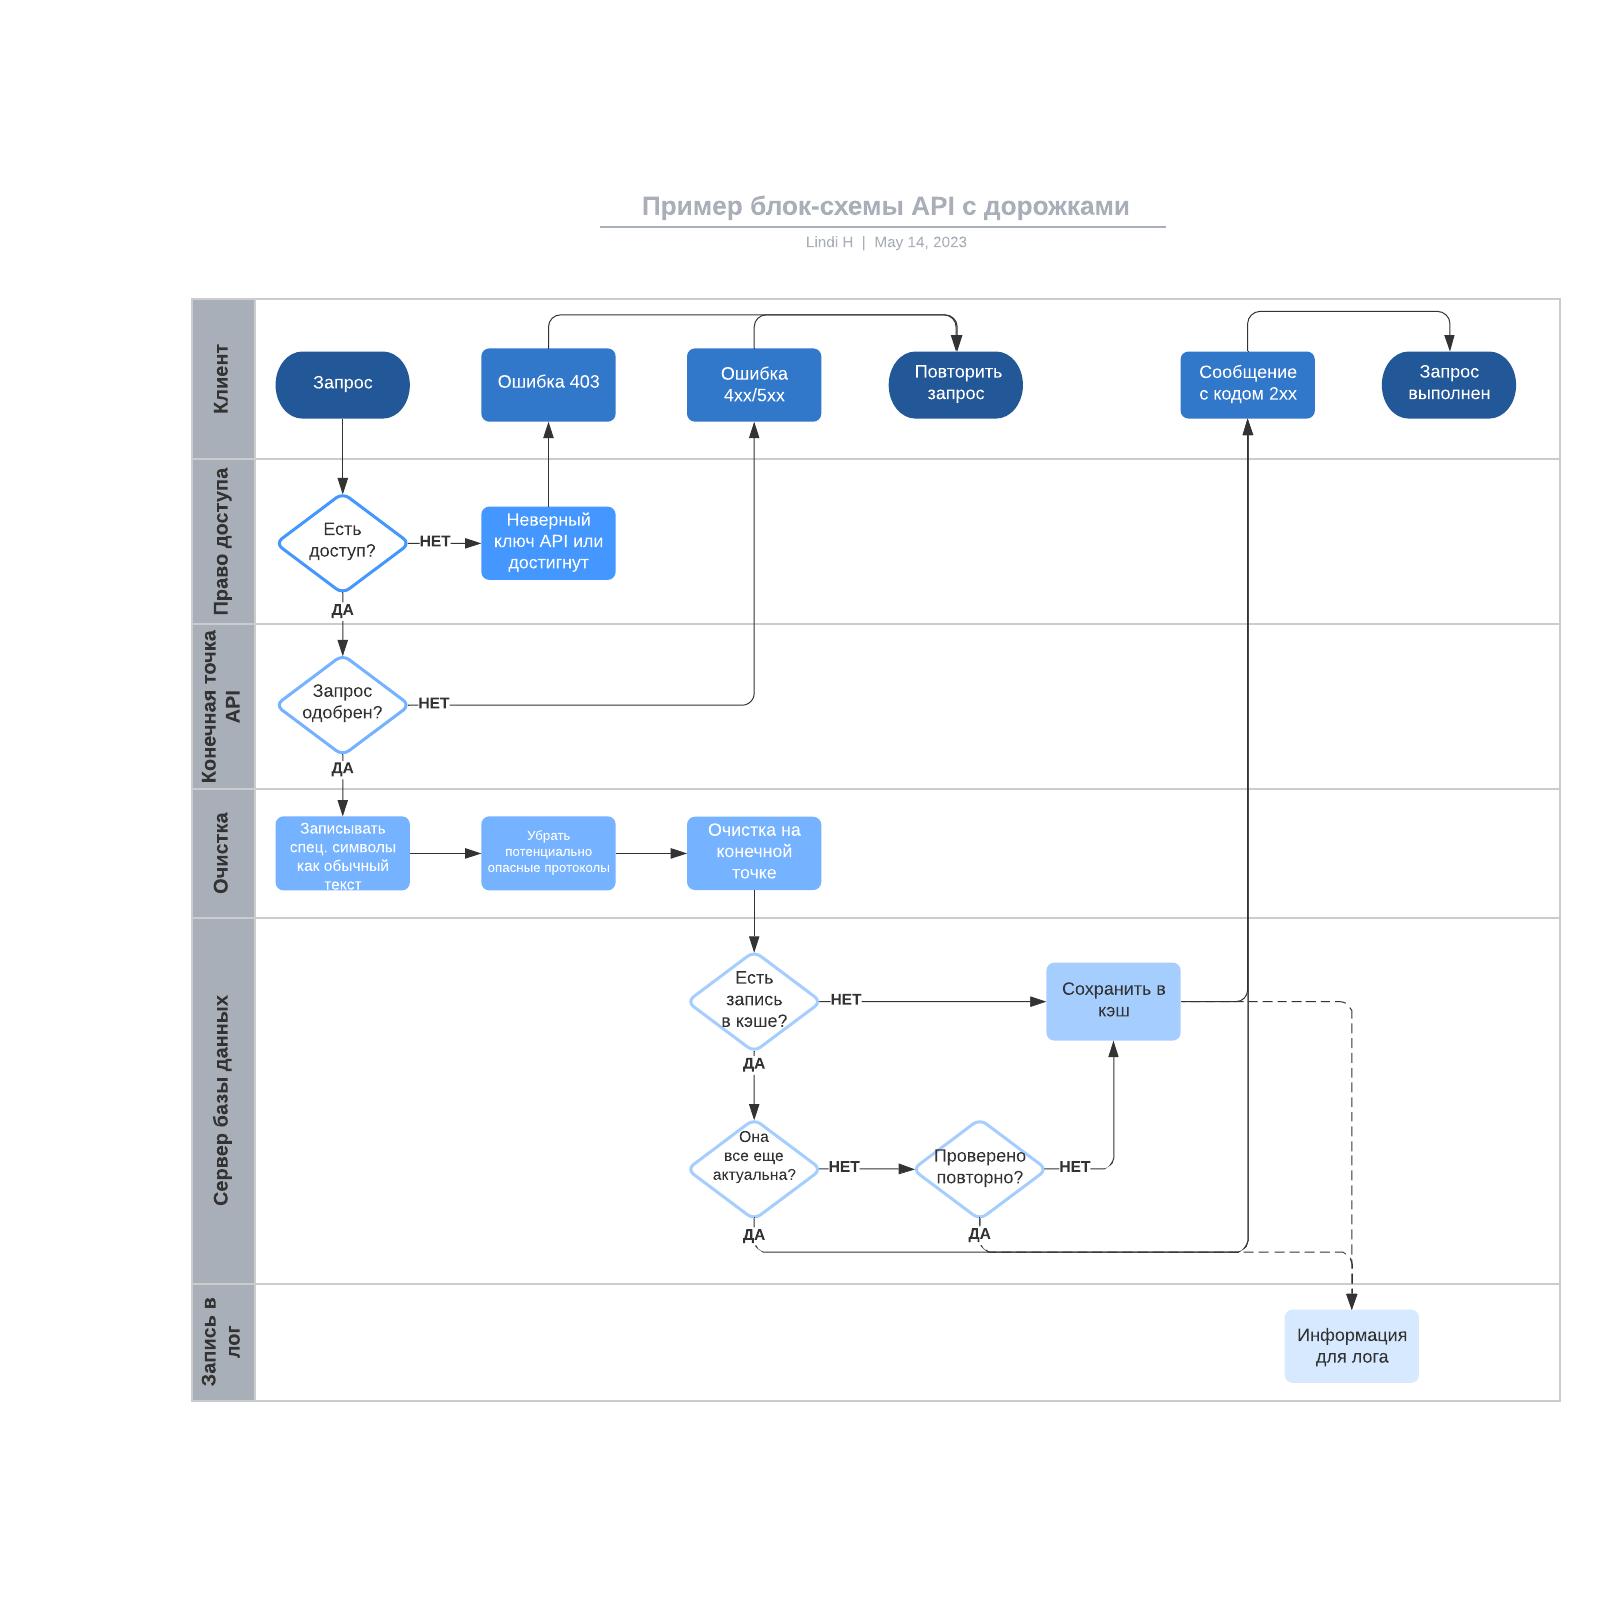 Пример блок-схемы API с дорожками